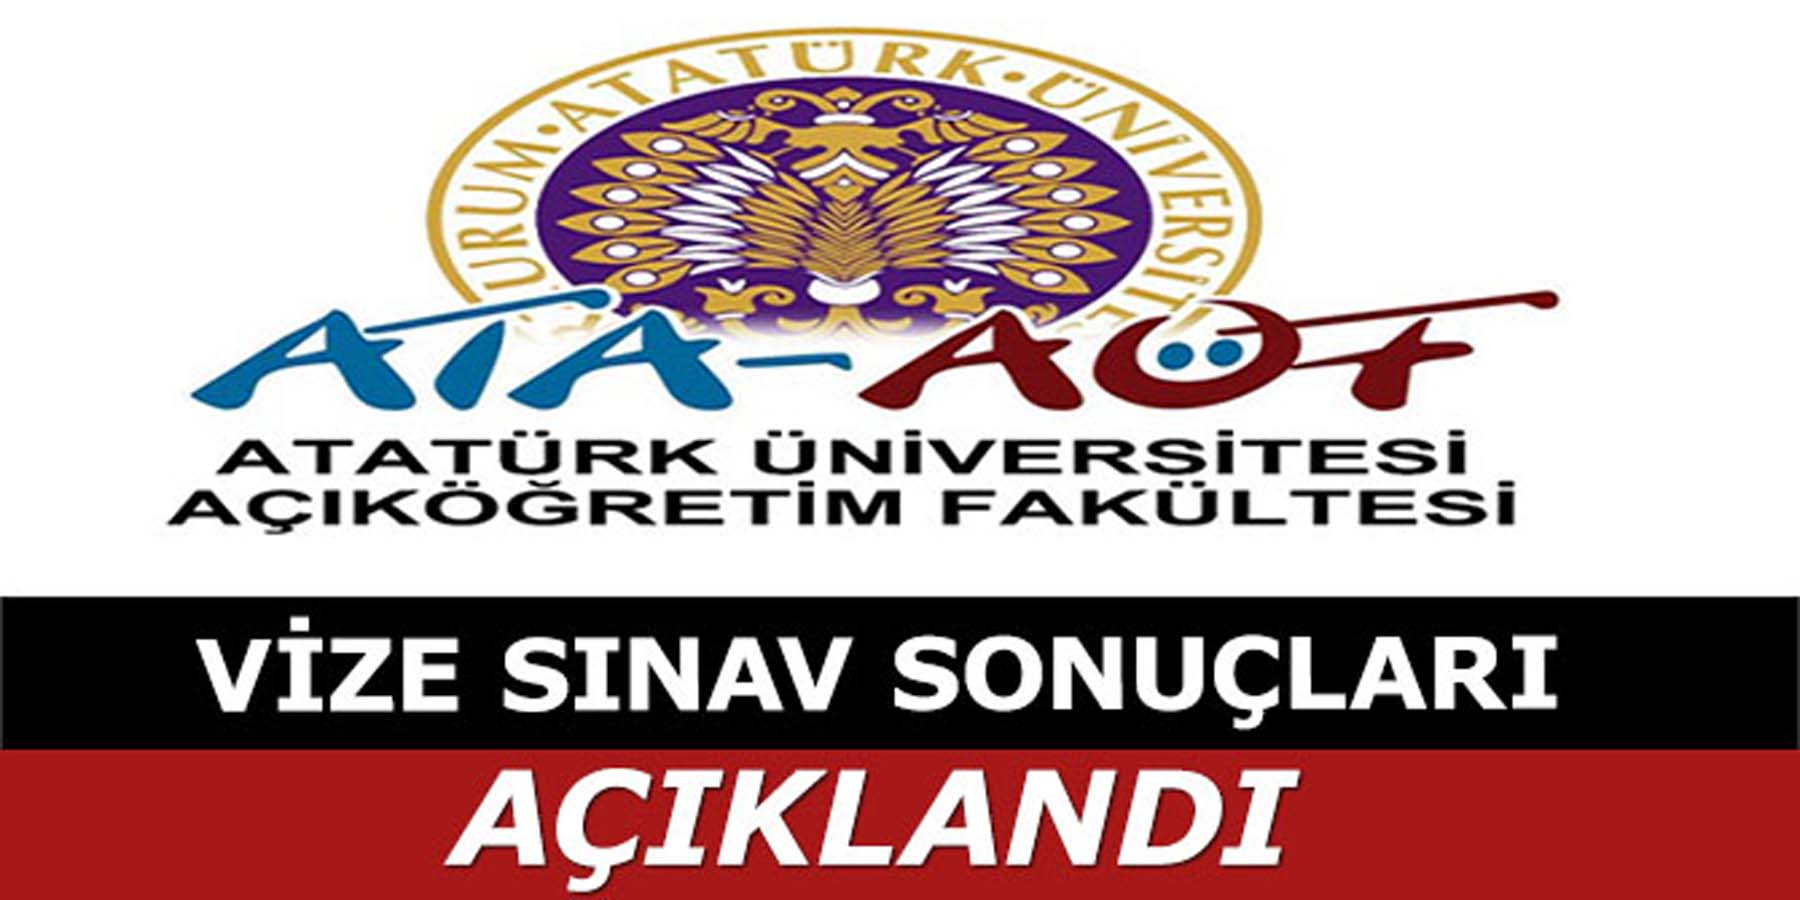 Atatürk Üniversitesi Açıköğretim Fakültesi Vize Sınav Sonuçları Açıklandı